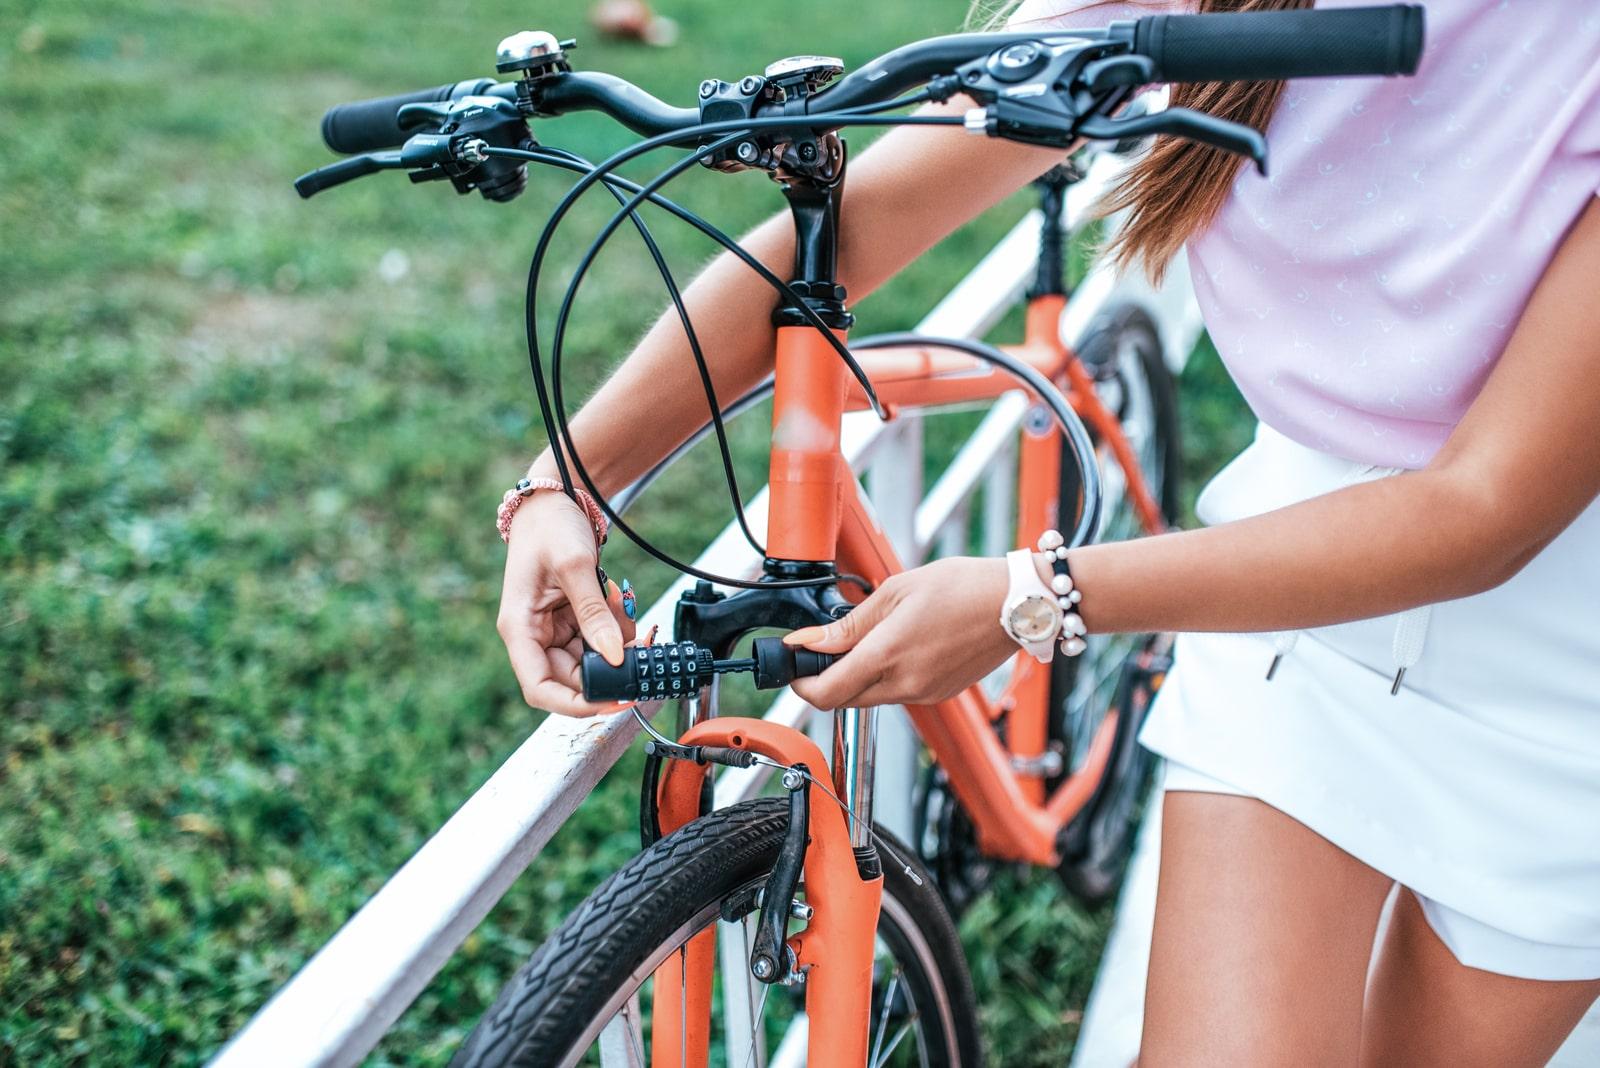 zabezpieczenie roweru typu ulock